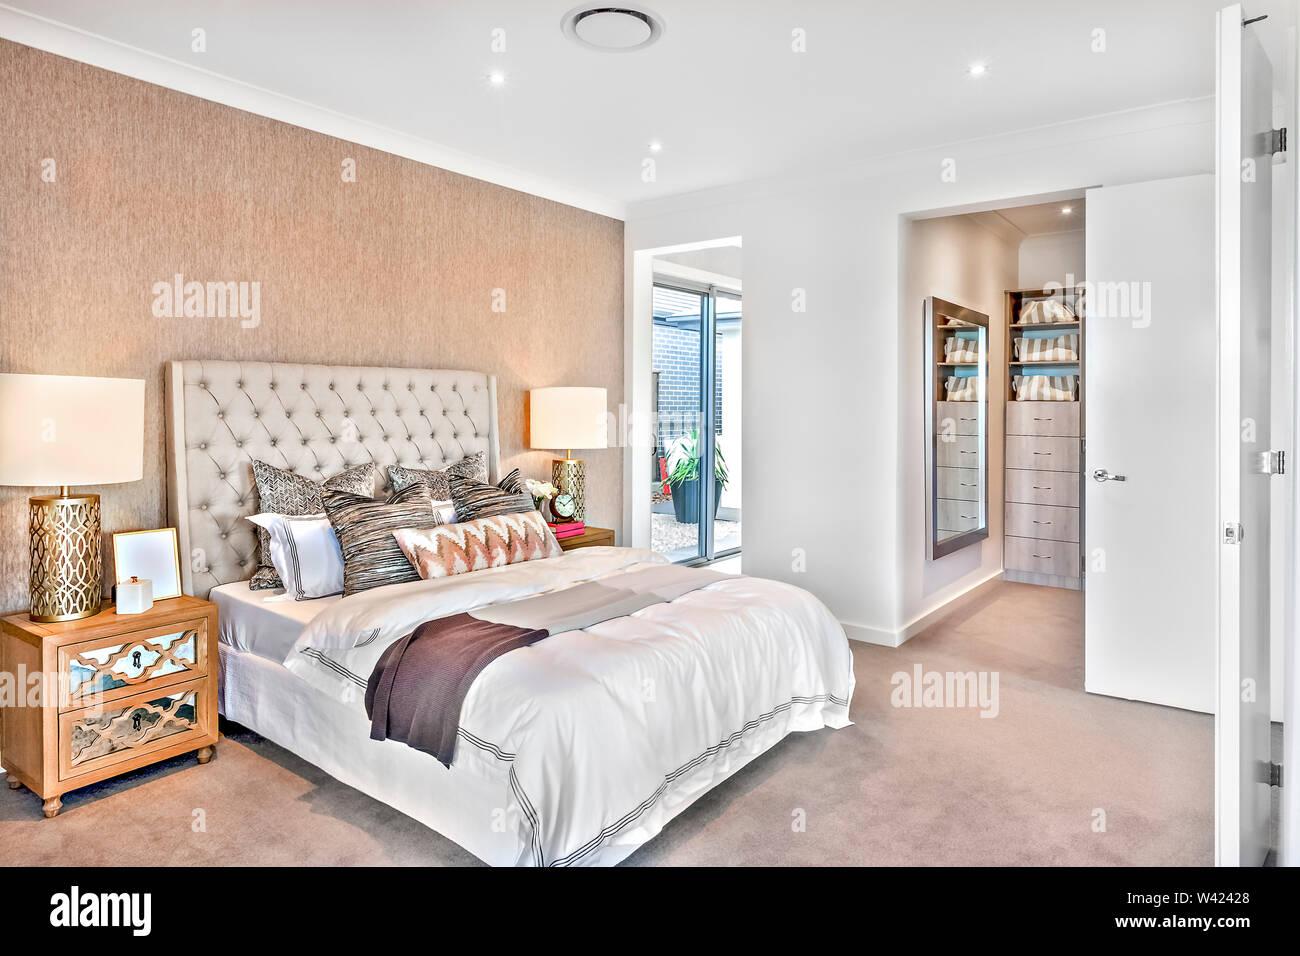 Camera da letto moderna decorazione con porte per esterno e lavanderia, vi sono luci lampeggianti sulla armadi accanto a cuscini e coperte sul letto Immagini Stock